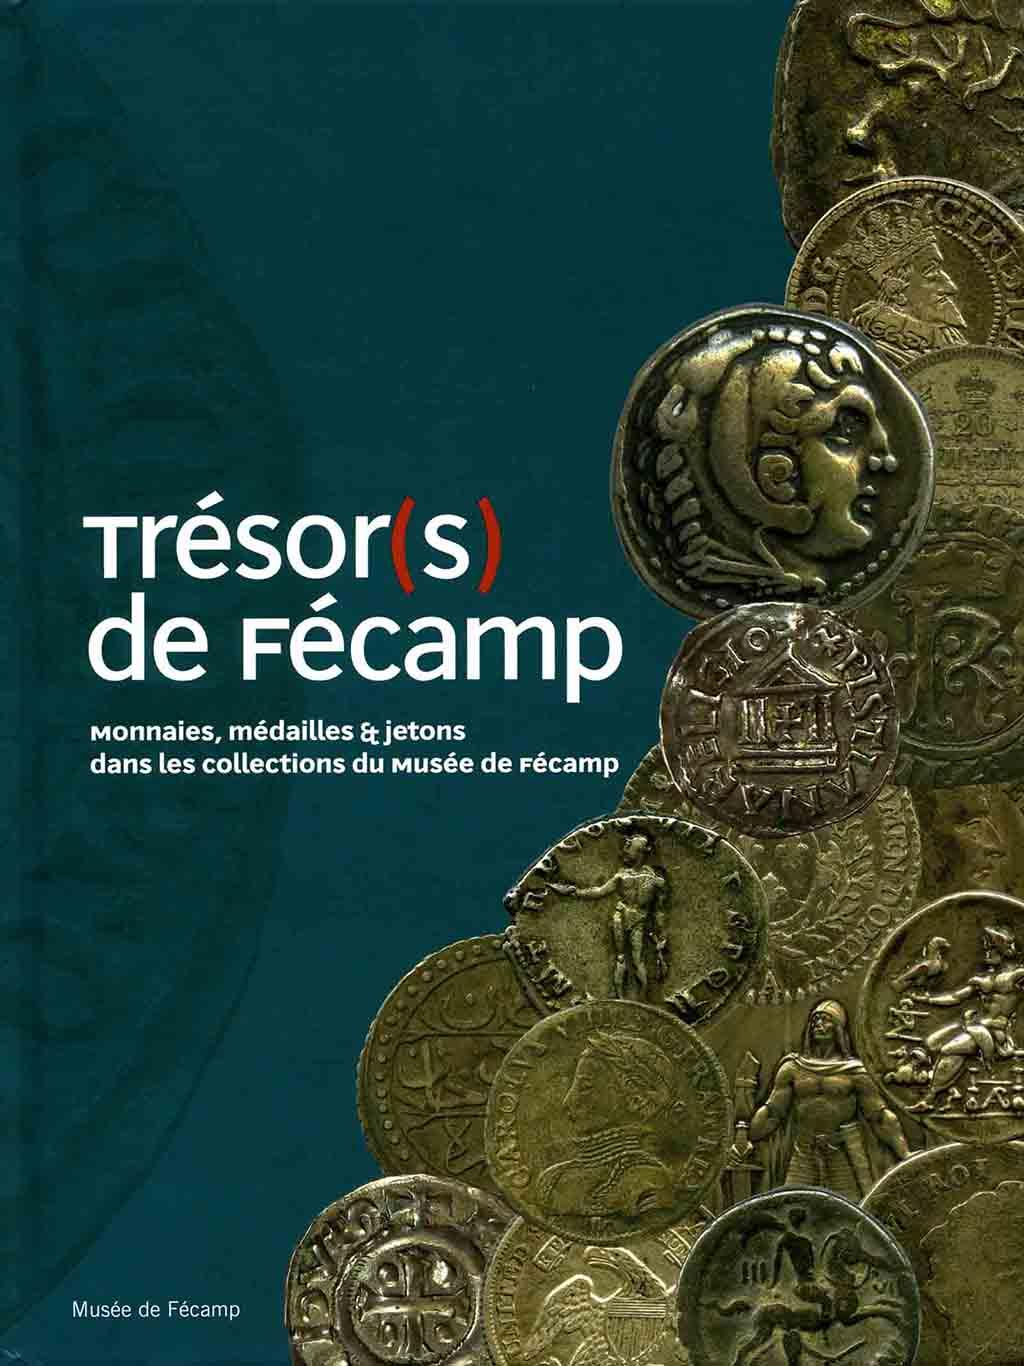 Trésor(s) de Fécamp - Monnaies, médailles & jetons dans les collections du Musée de Fécamp